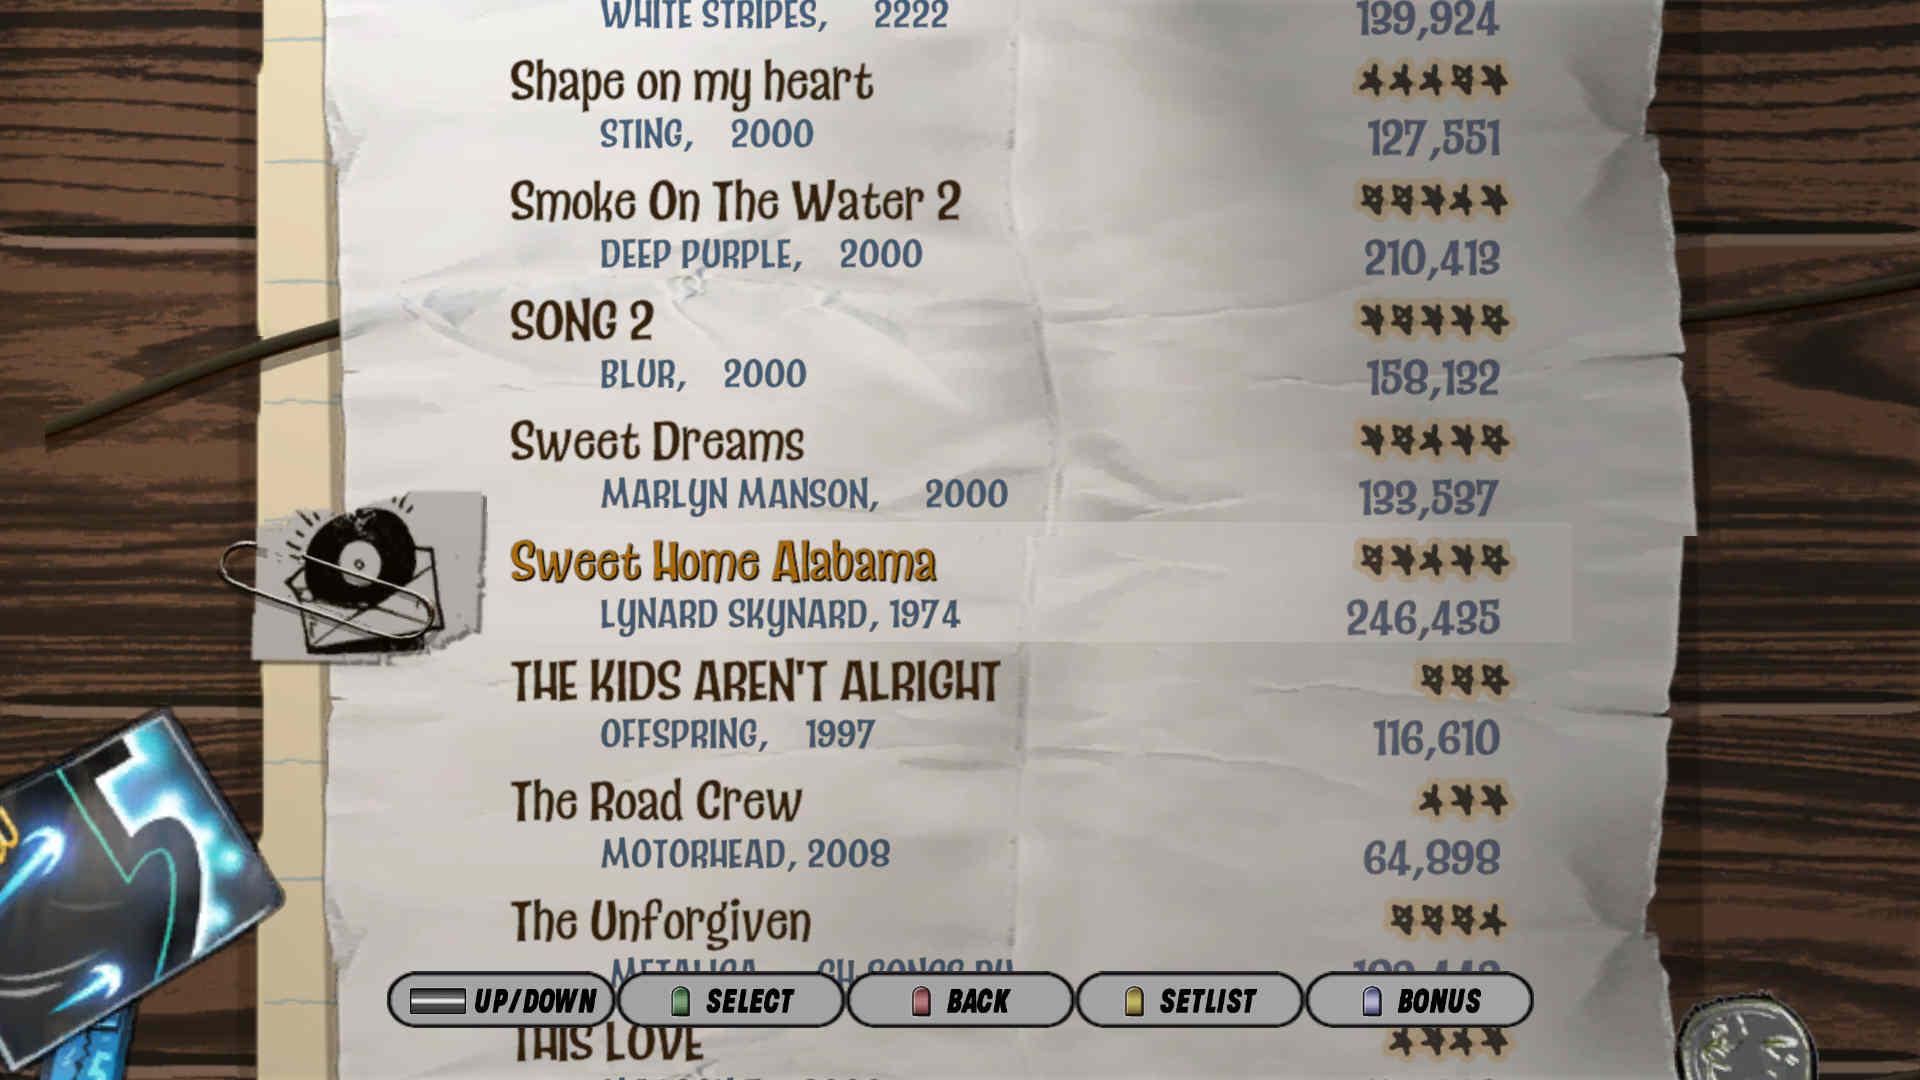 Guitar hero 3 песни